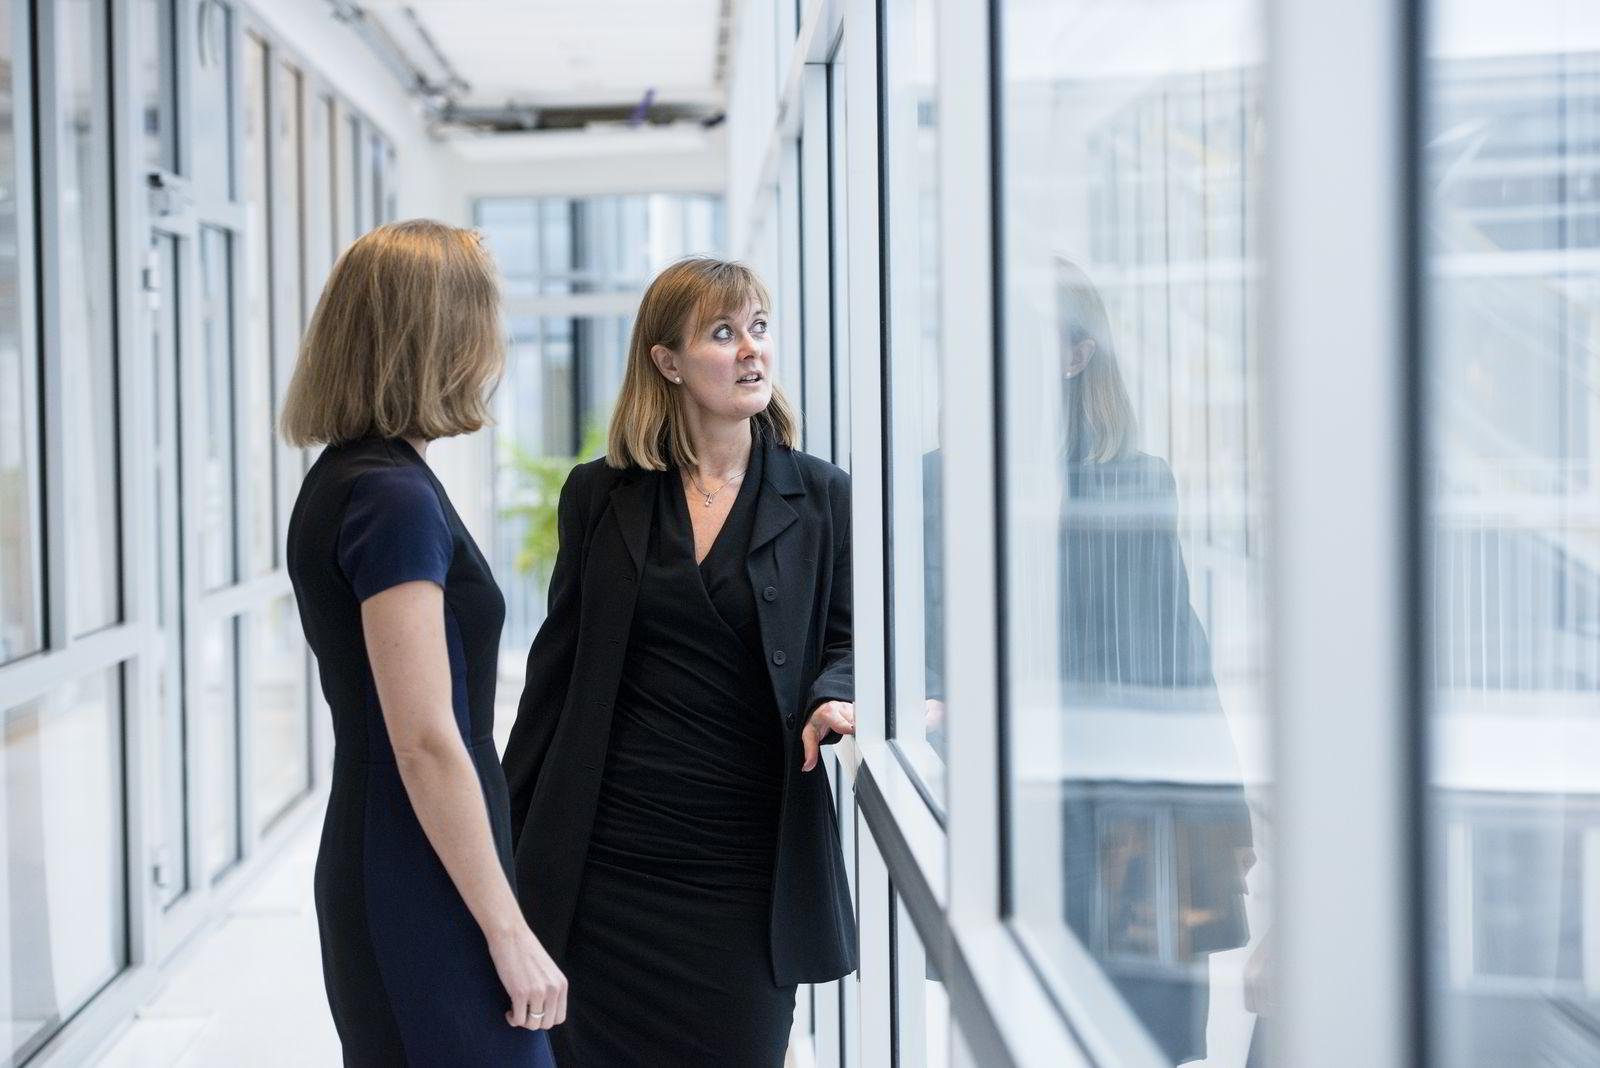 – Jo tidligere man blir informert om mulighetene, desto bedre, sier investeringsdirektør Ann-Tove Kongsnes (t.h.).